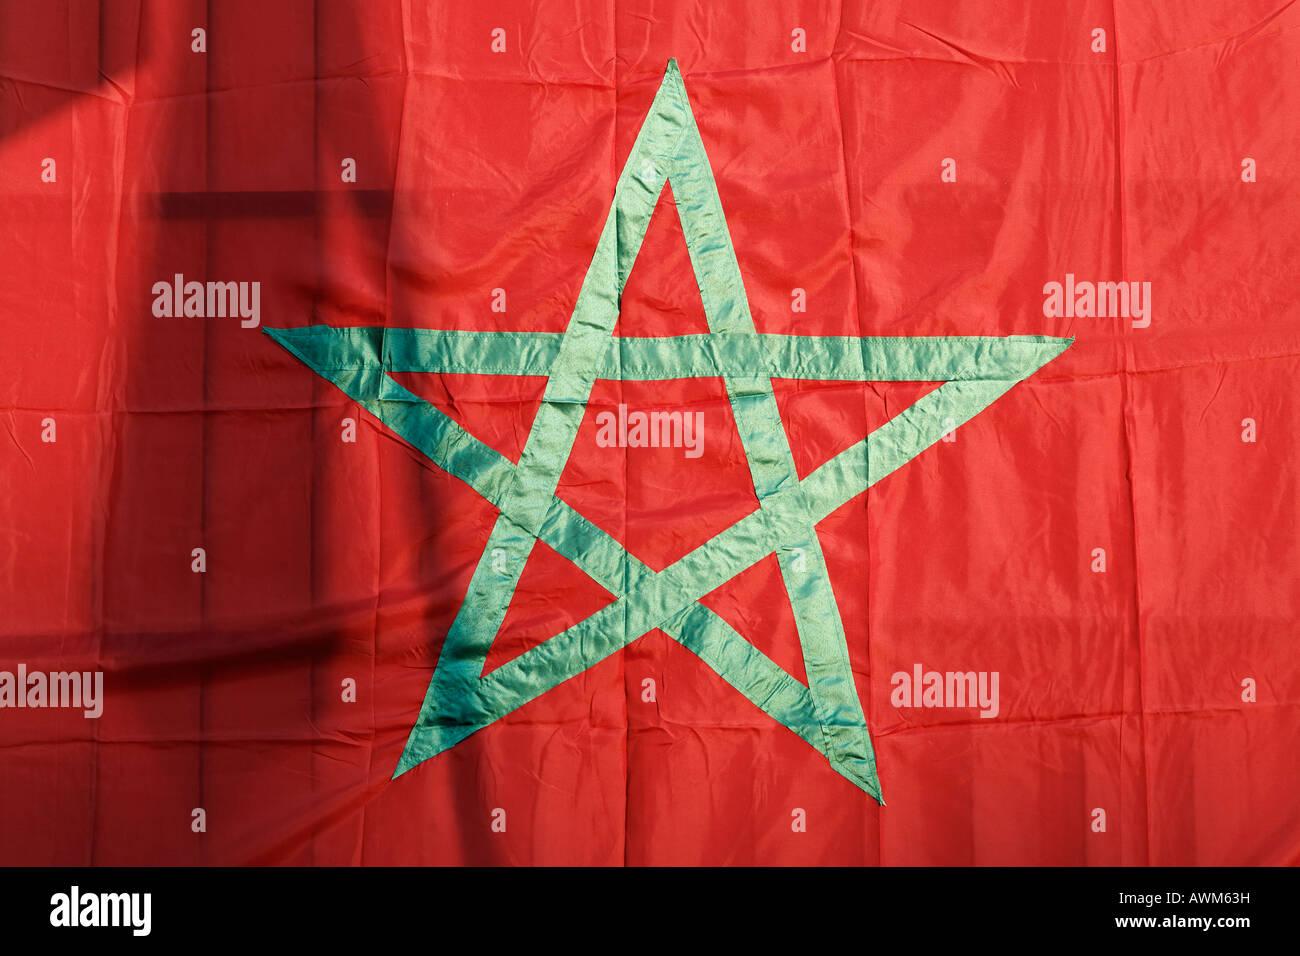 Moroccan national flag, Marrakech, Morocco, Africa Stock Photo